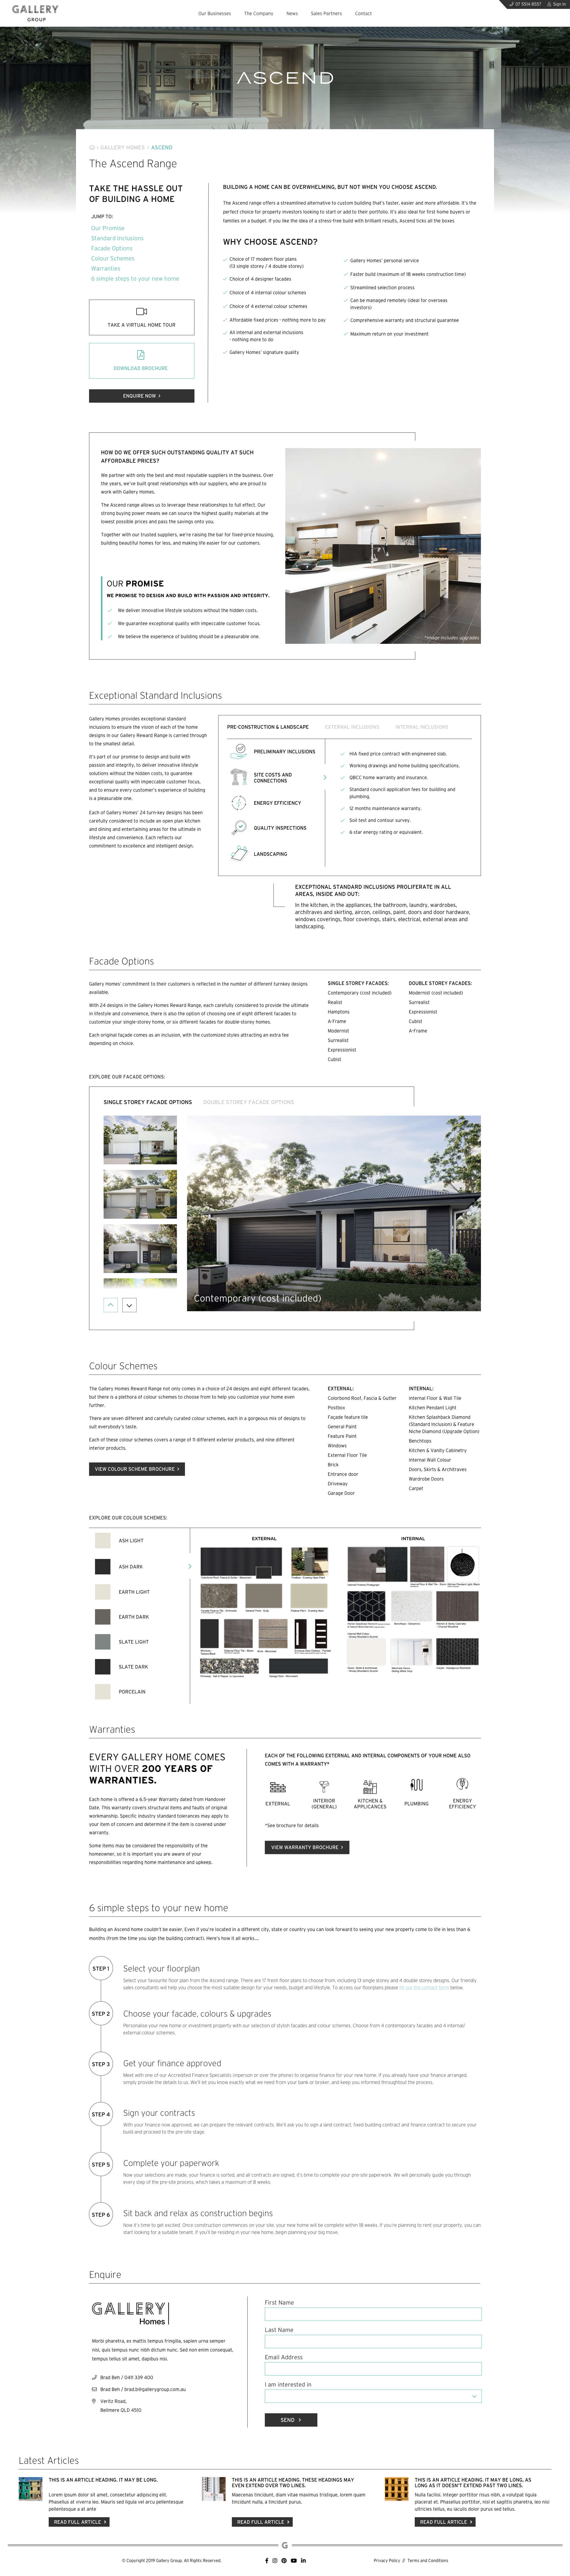 Gallery Group - Gallery Homes - Range (Desktop)